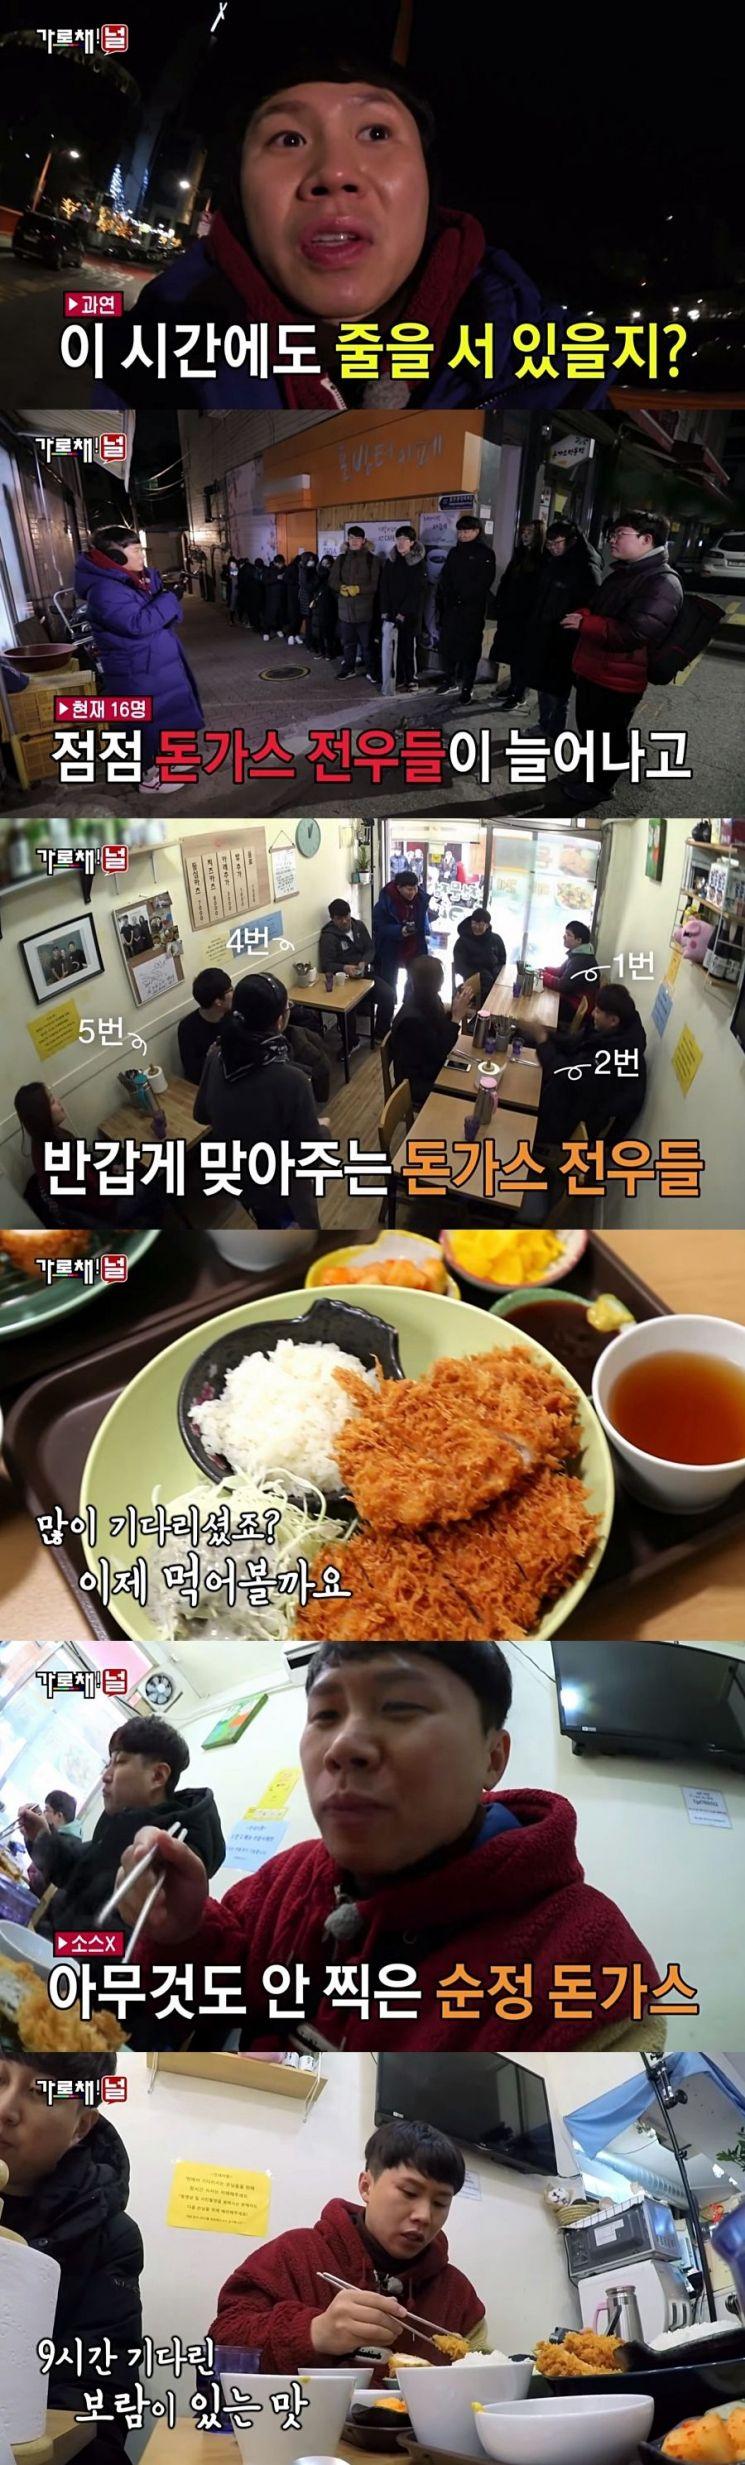 가로채널/사진=SBS 제공